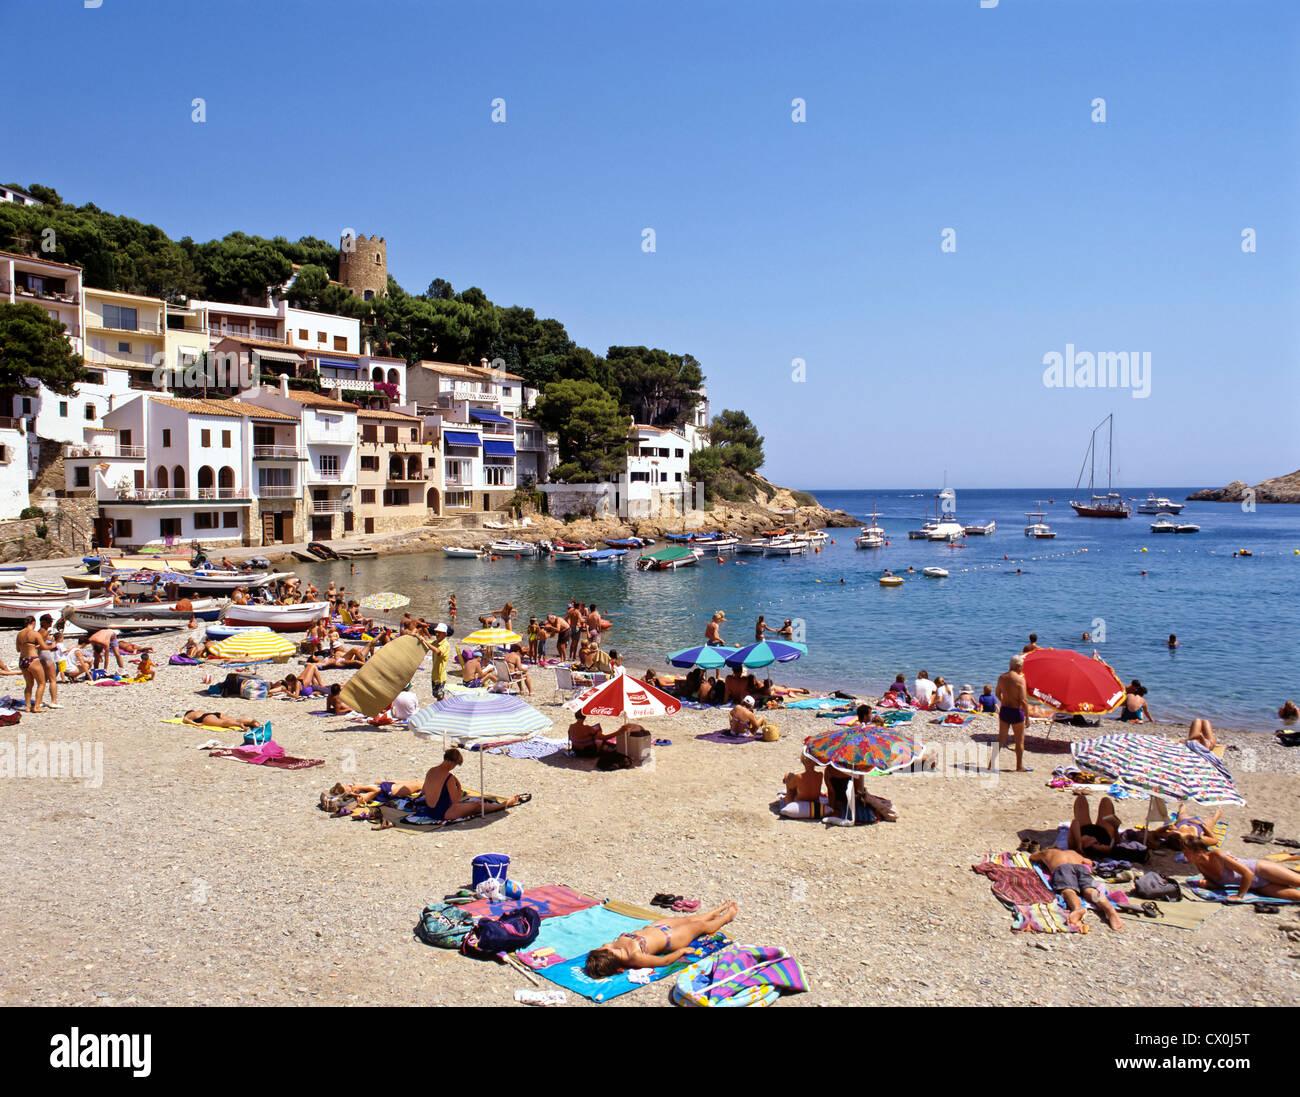 8129. Cala sa Tuna, Costa Brava, Spain - Stock Image